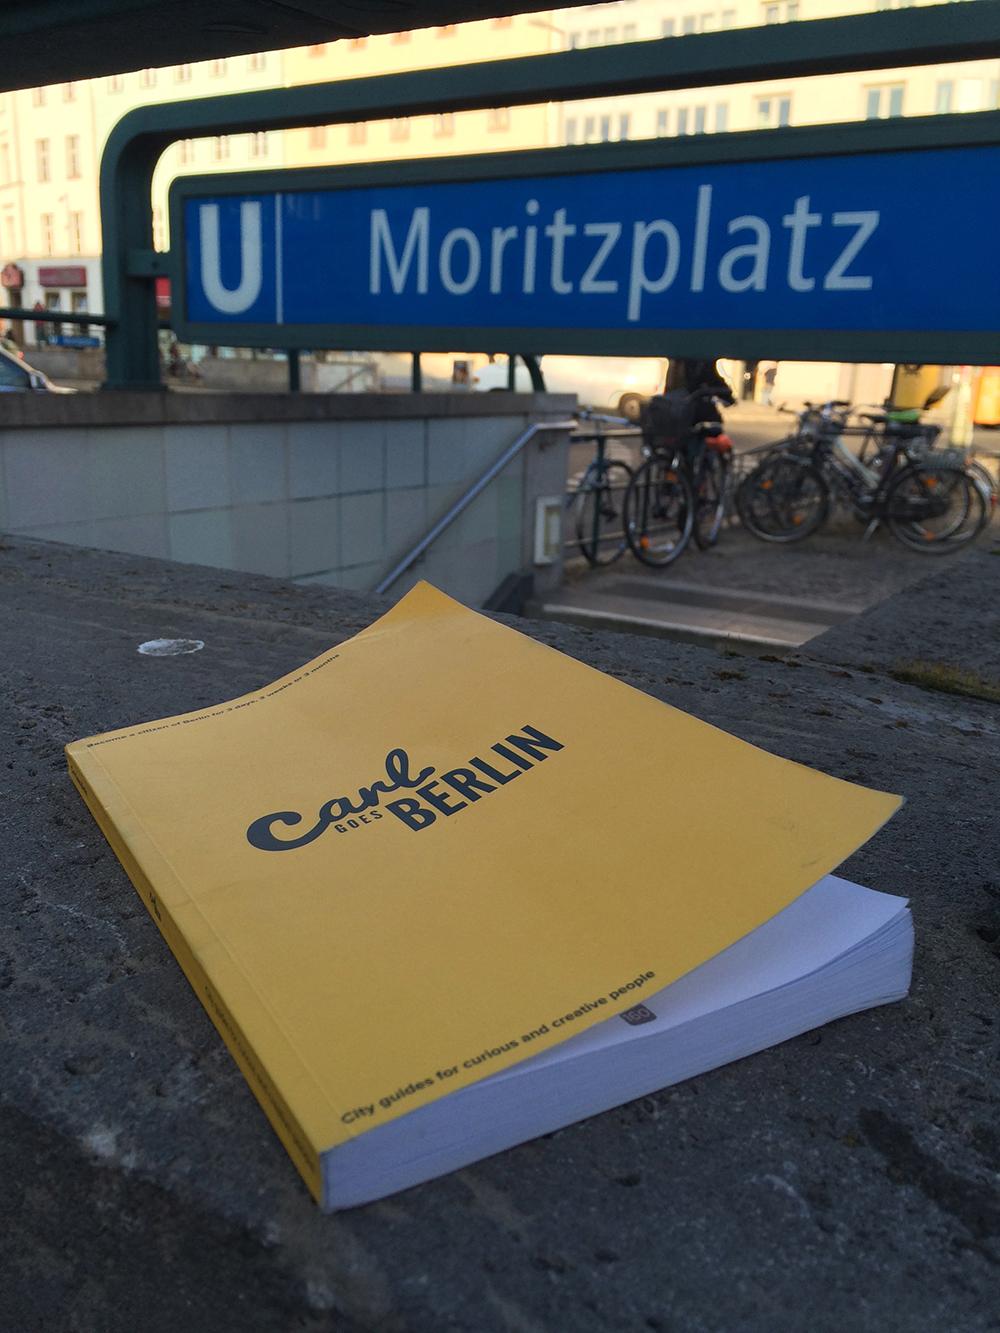 cover u8 Moritzplatz Carl Goes Berlin.jpg